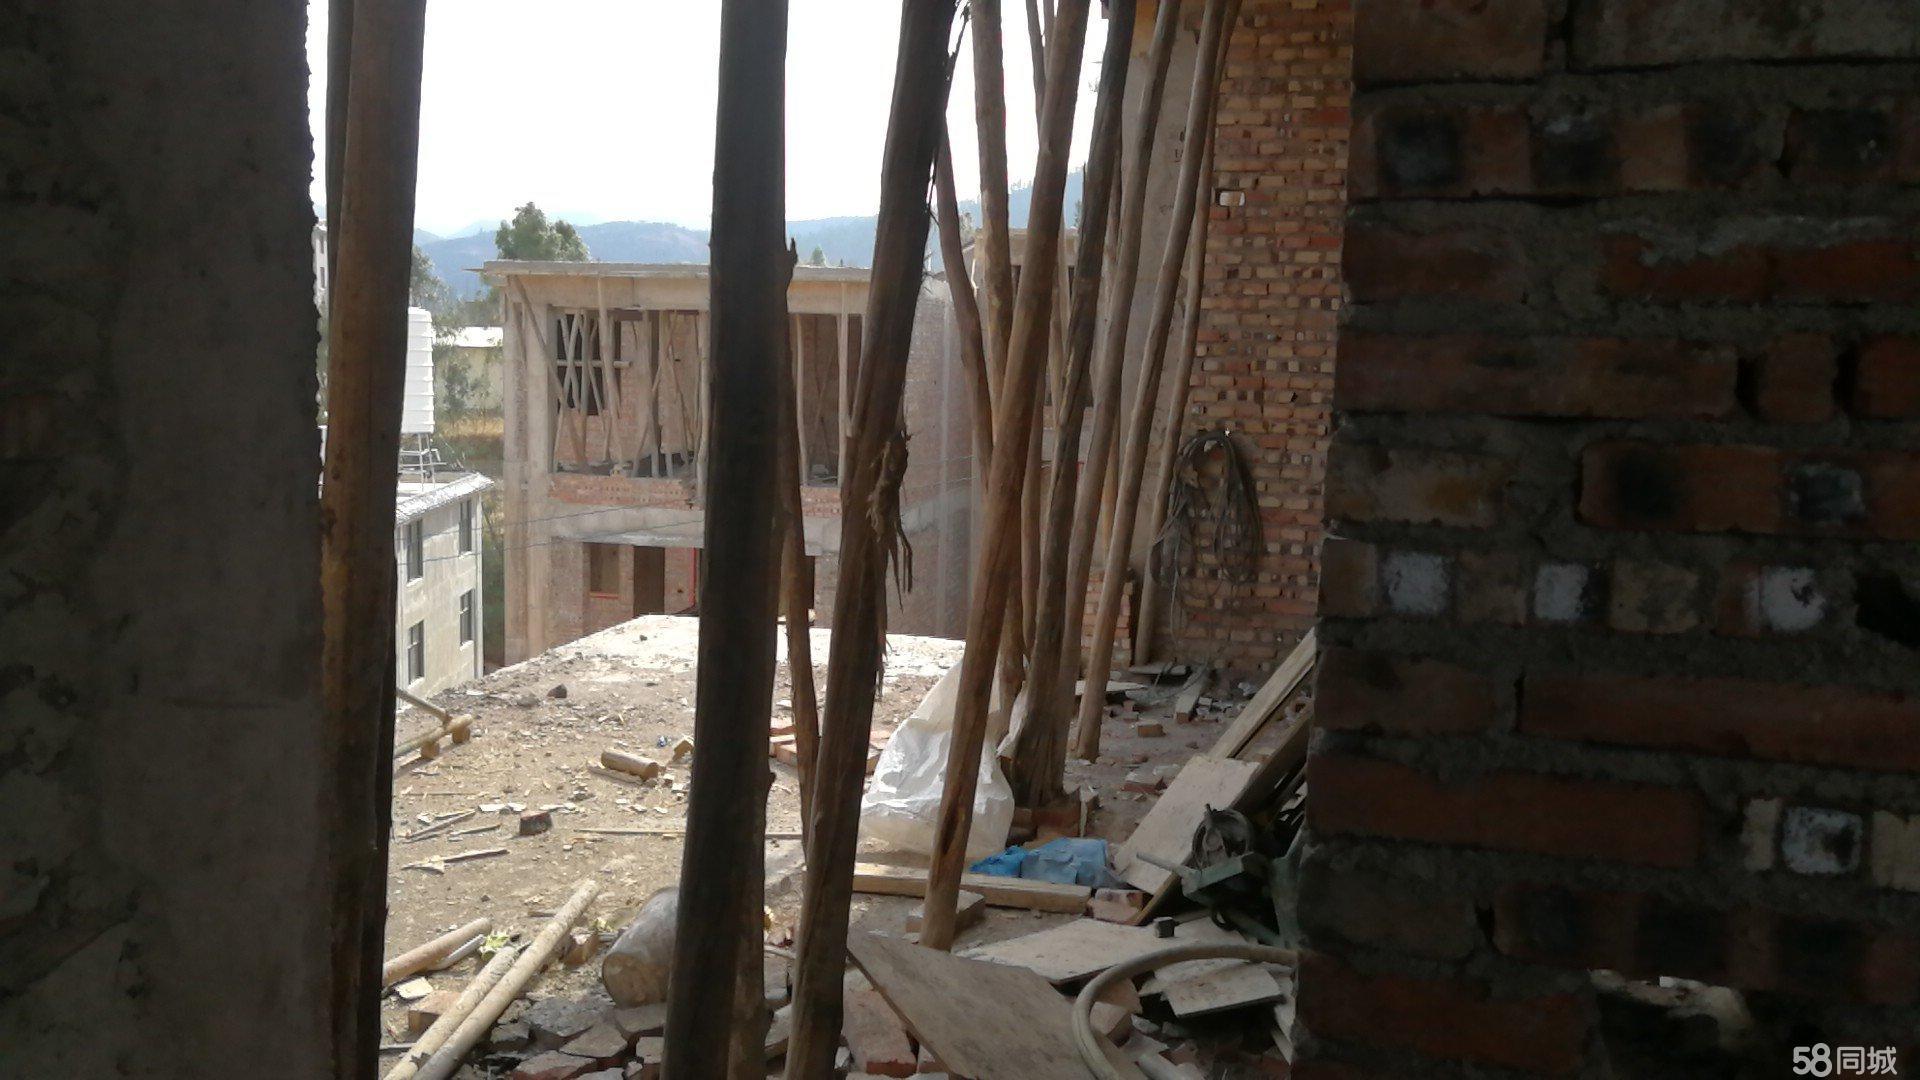 澳门拉斯维加斯平台拘留所下30米房屋出售